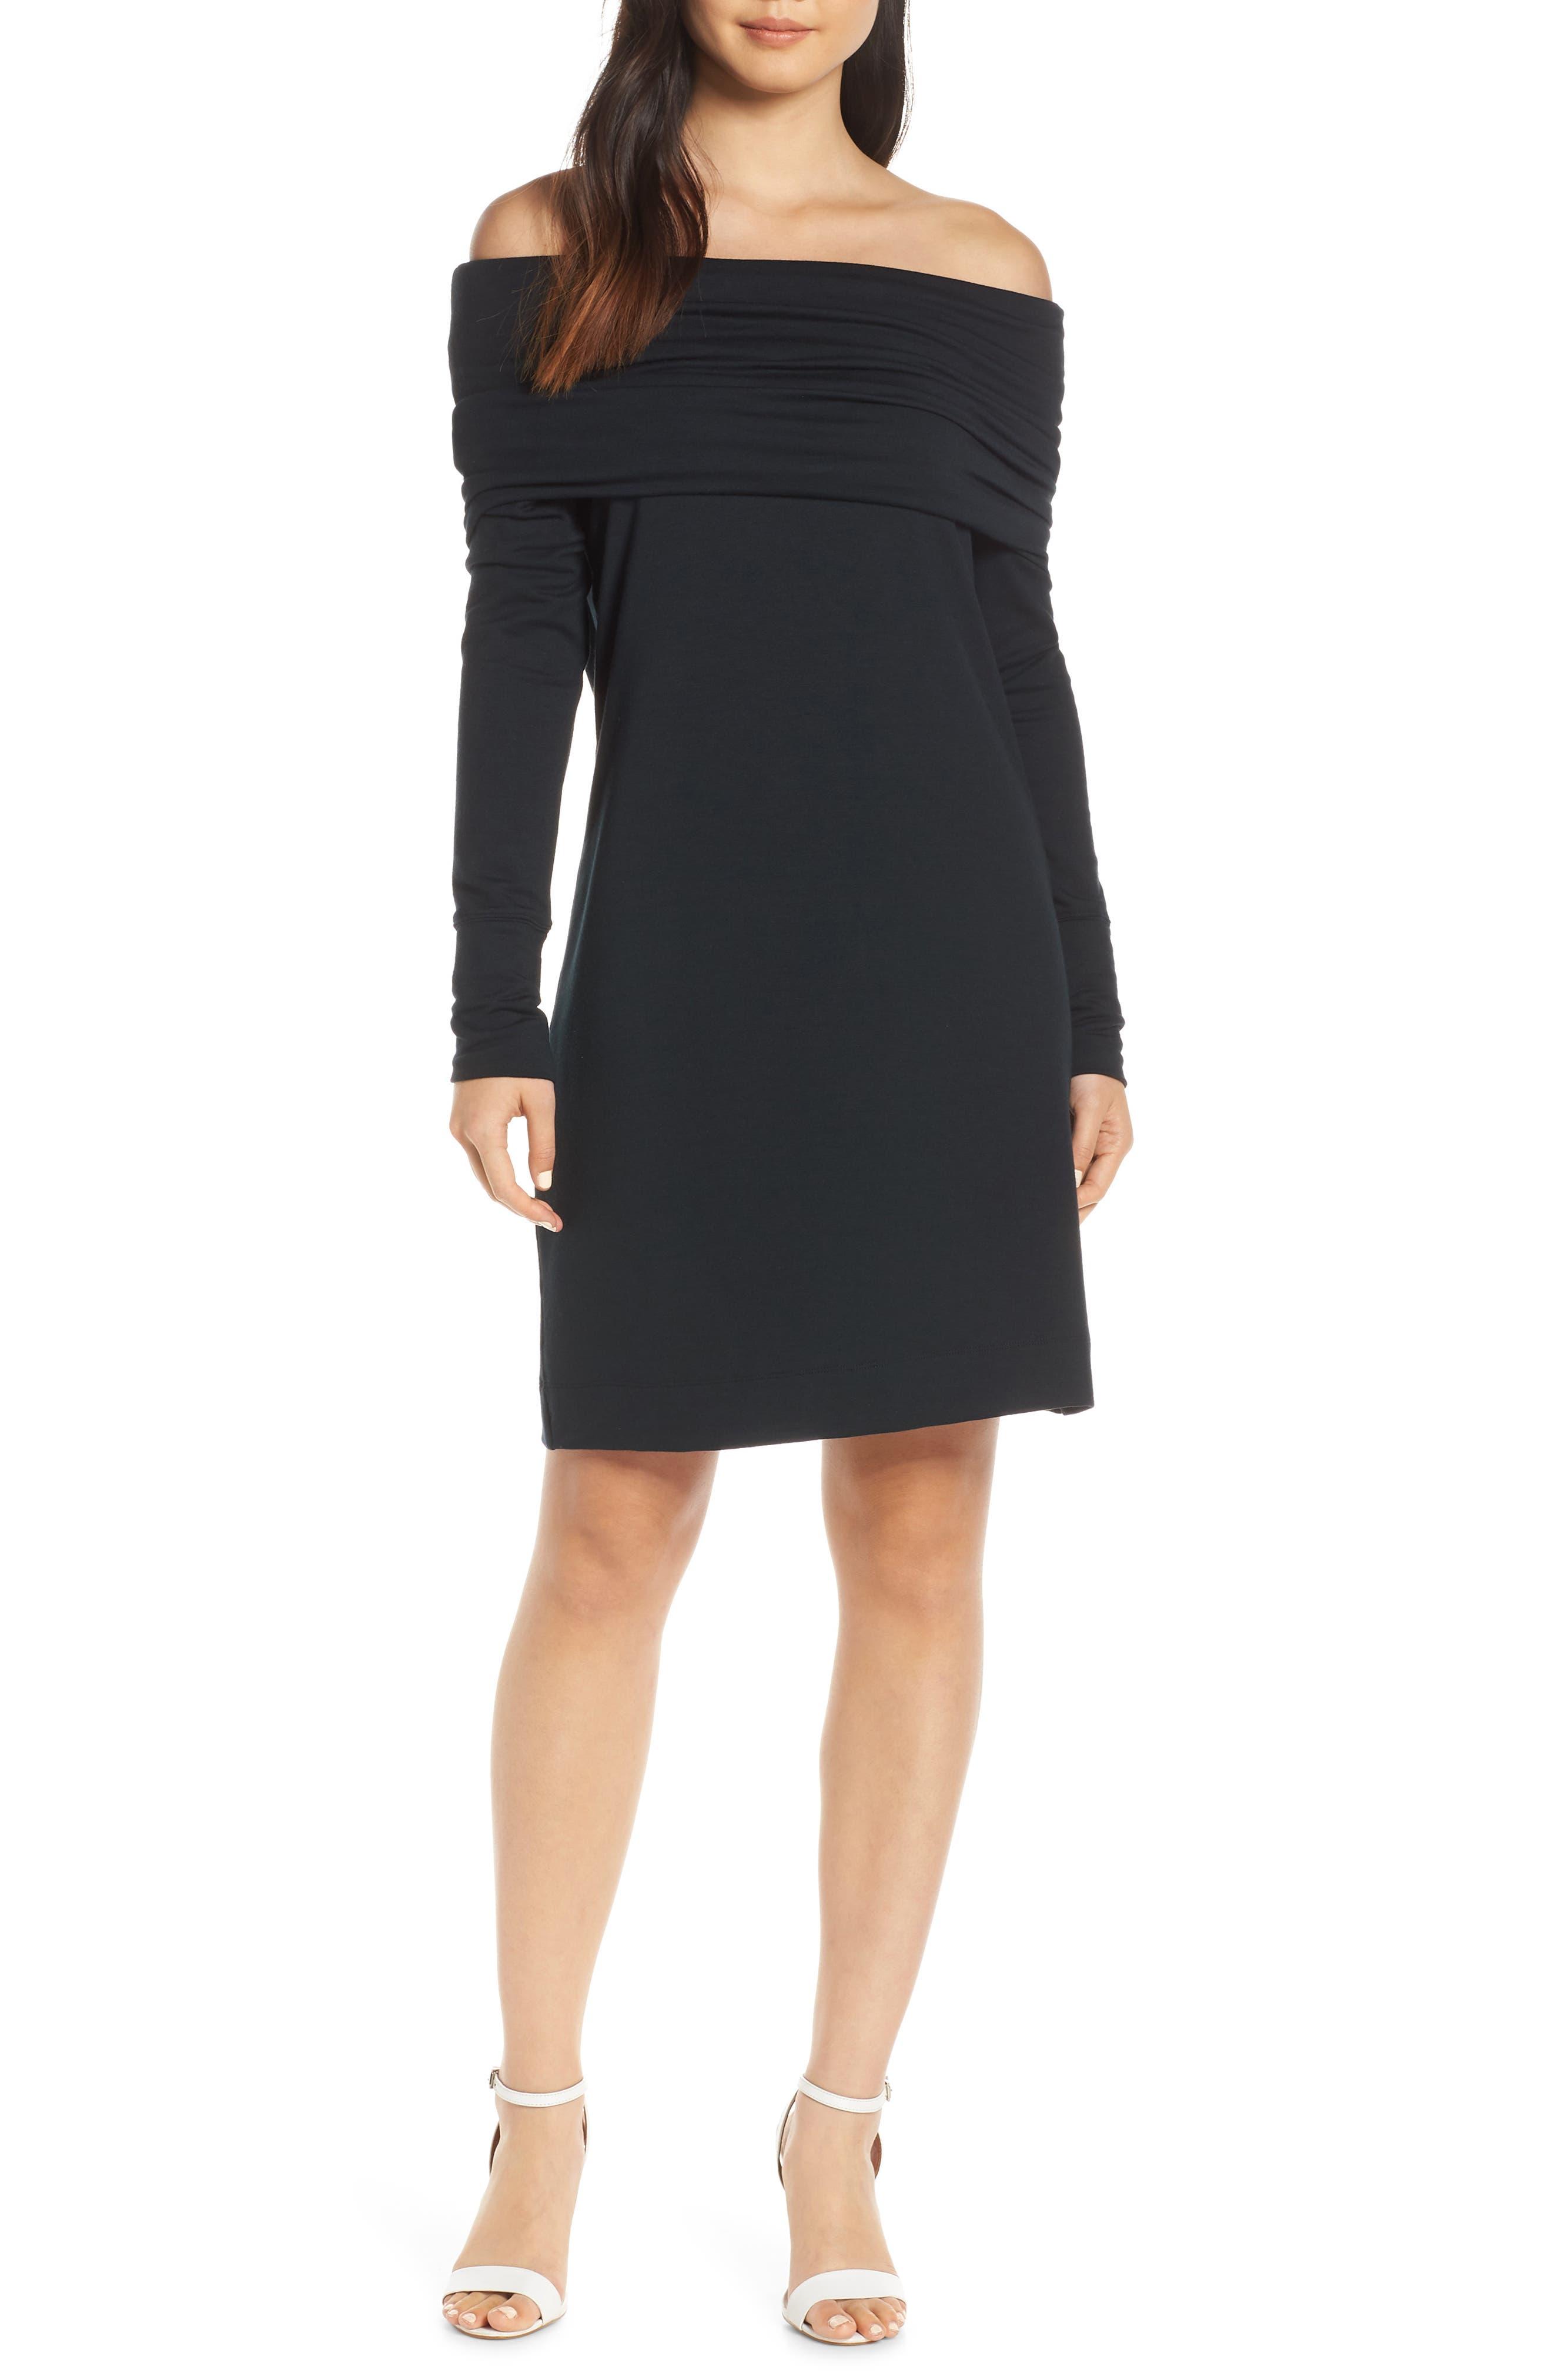 Lilly Pulitzer Belinda Off The Shoulder Banded Dress, Black